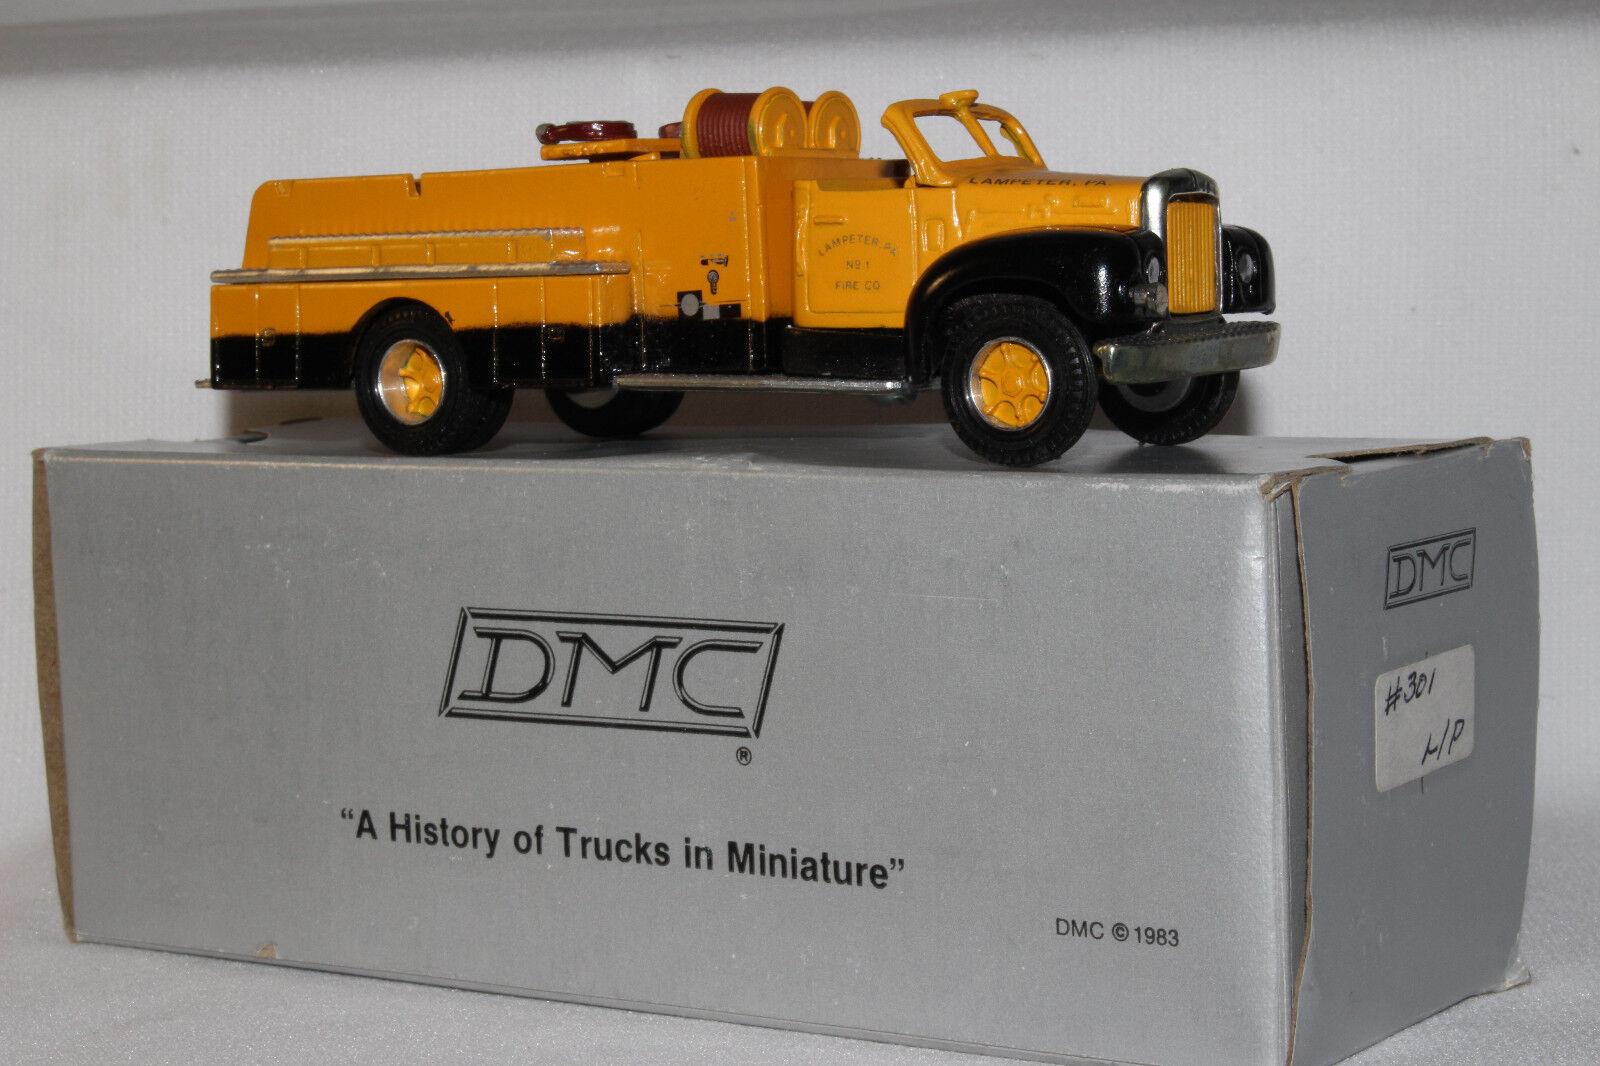 Dehanes Modelos,594ms Caja Modelo Mack Lampeter Cojín Camión de Bomberos con